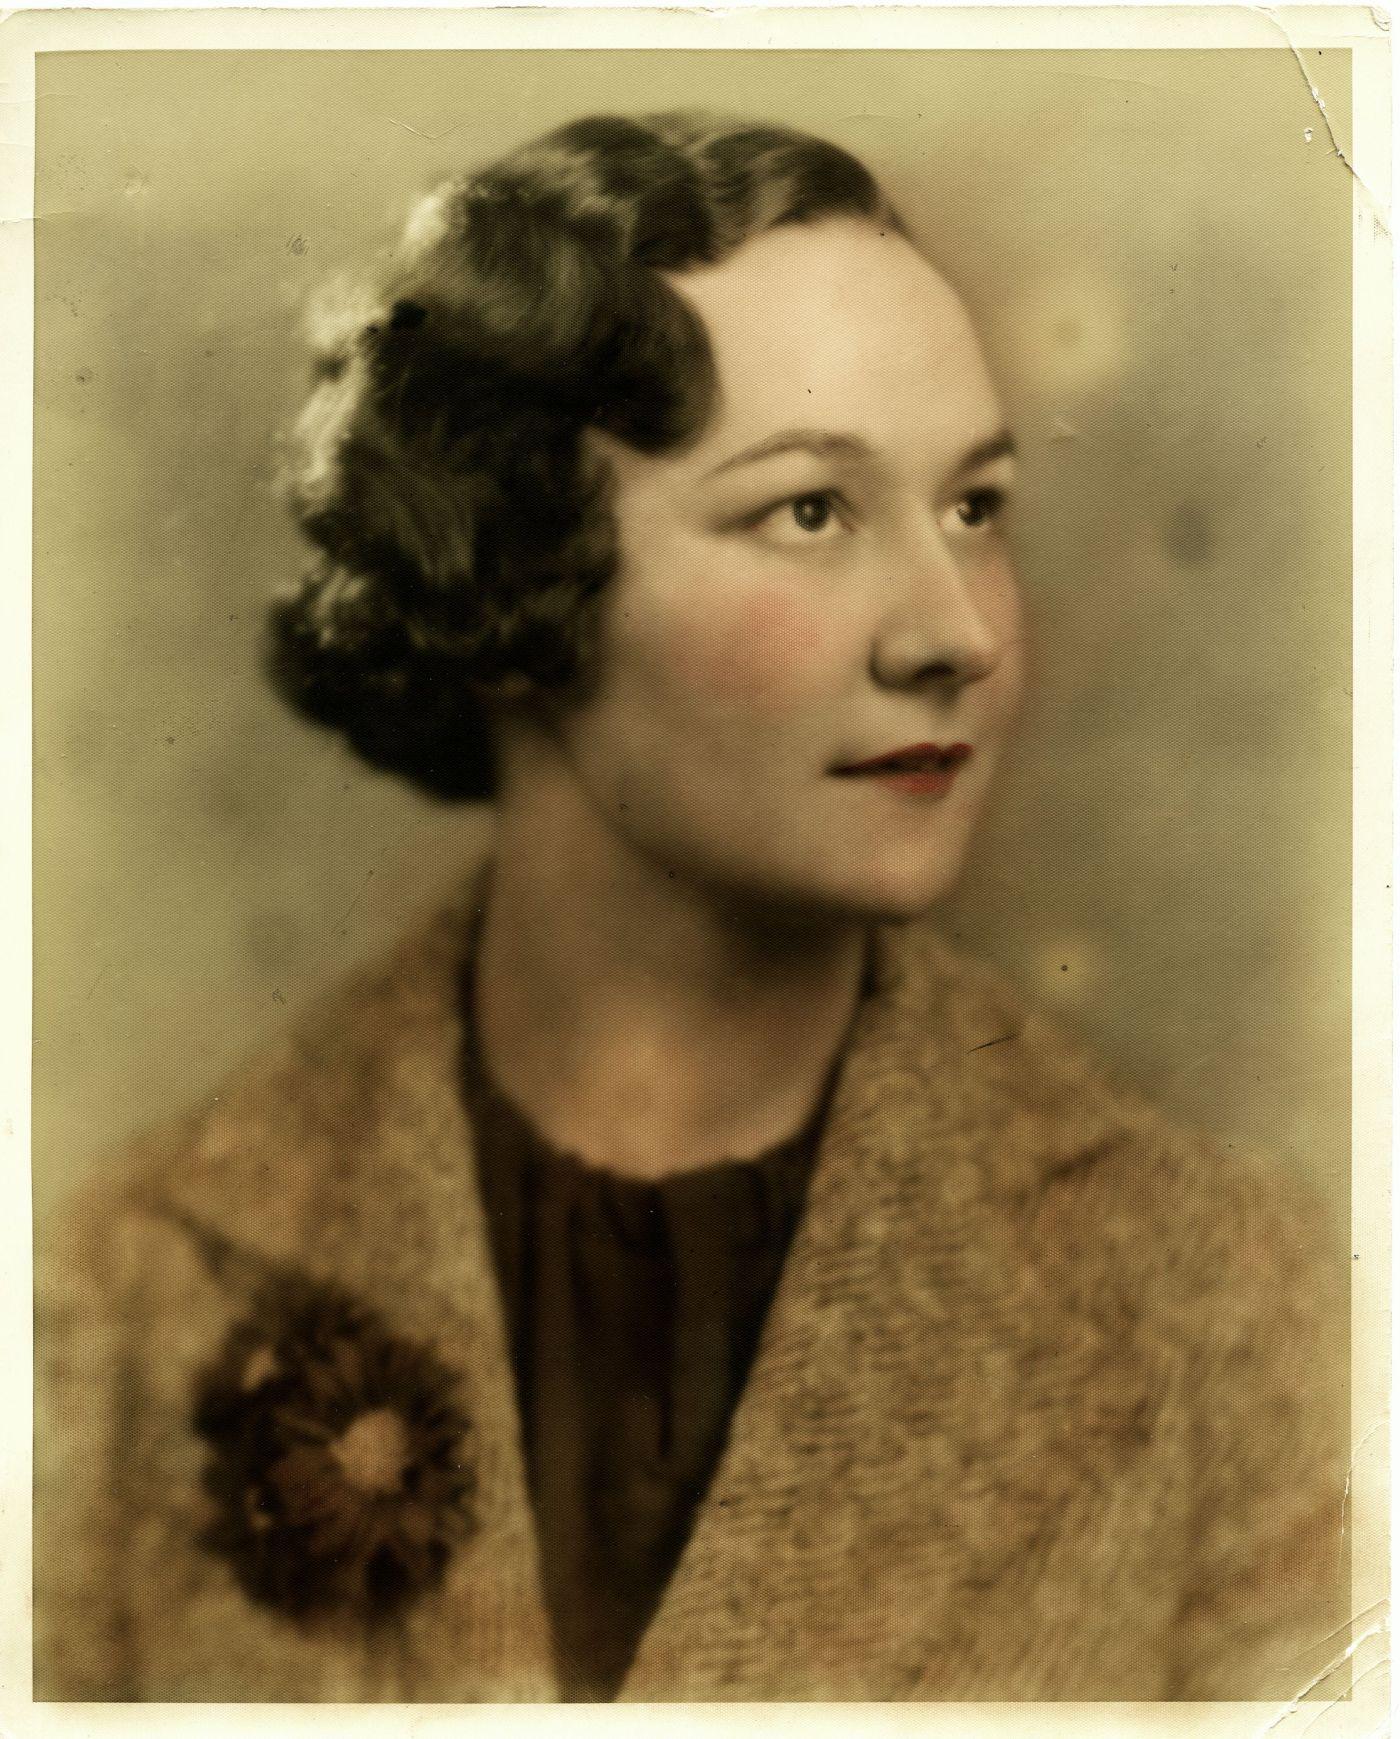 Photographie en couleur, gros plan, prise en studio, d'une femme d'âge moyen vue de profil aux trois quarts. Elle a les cheveux courts et ondulés et porte un veston avec des fleurs à la boutonnière.